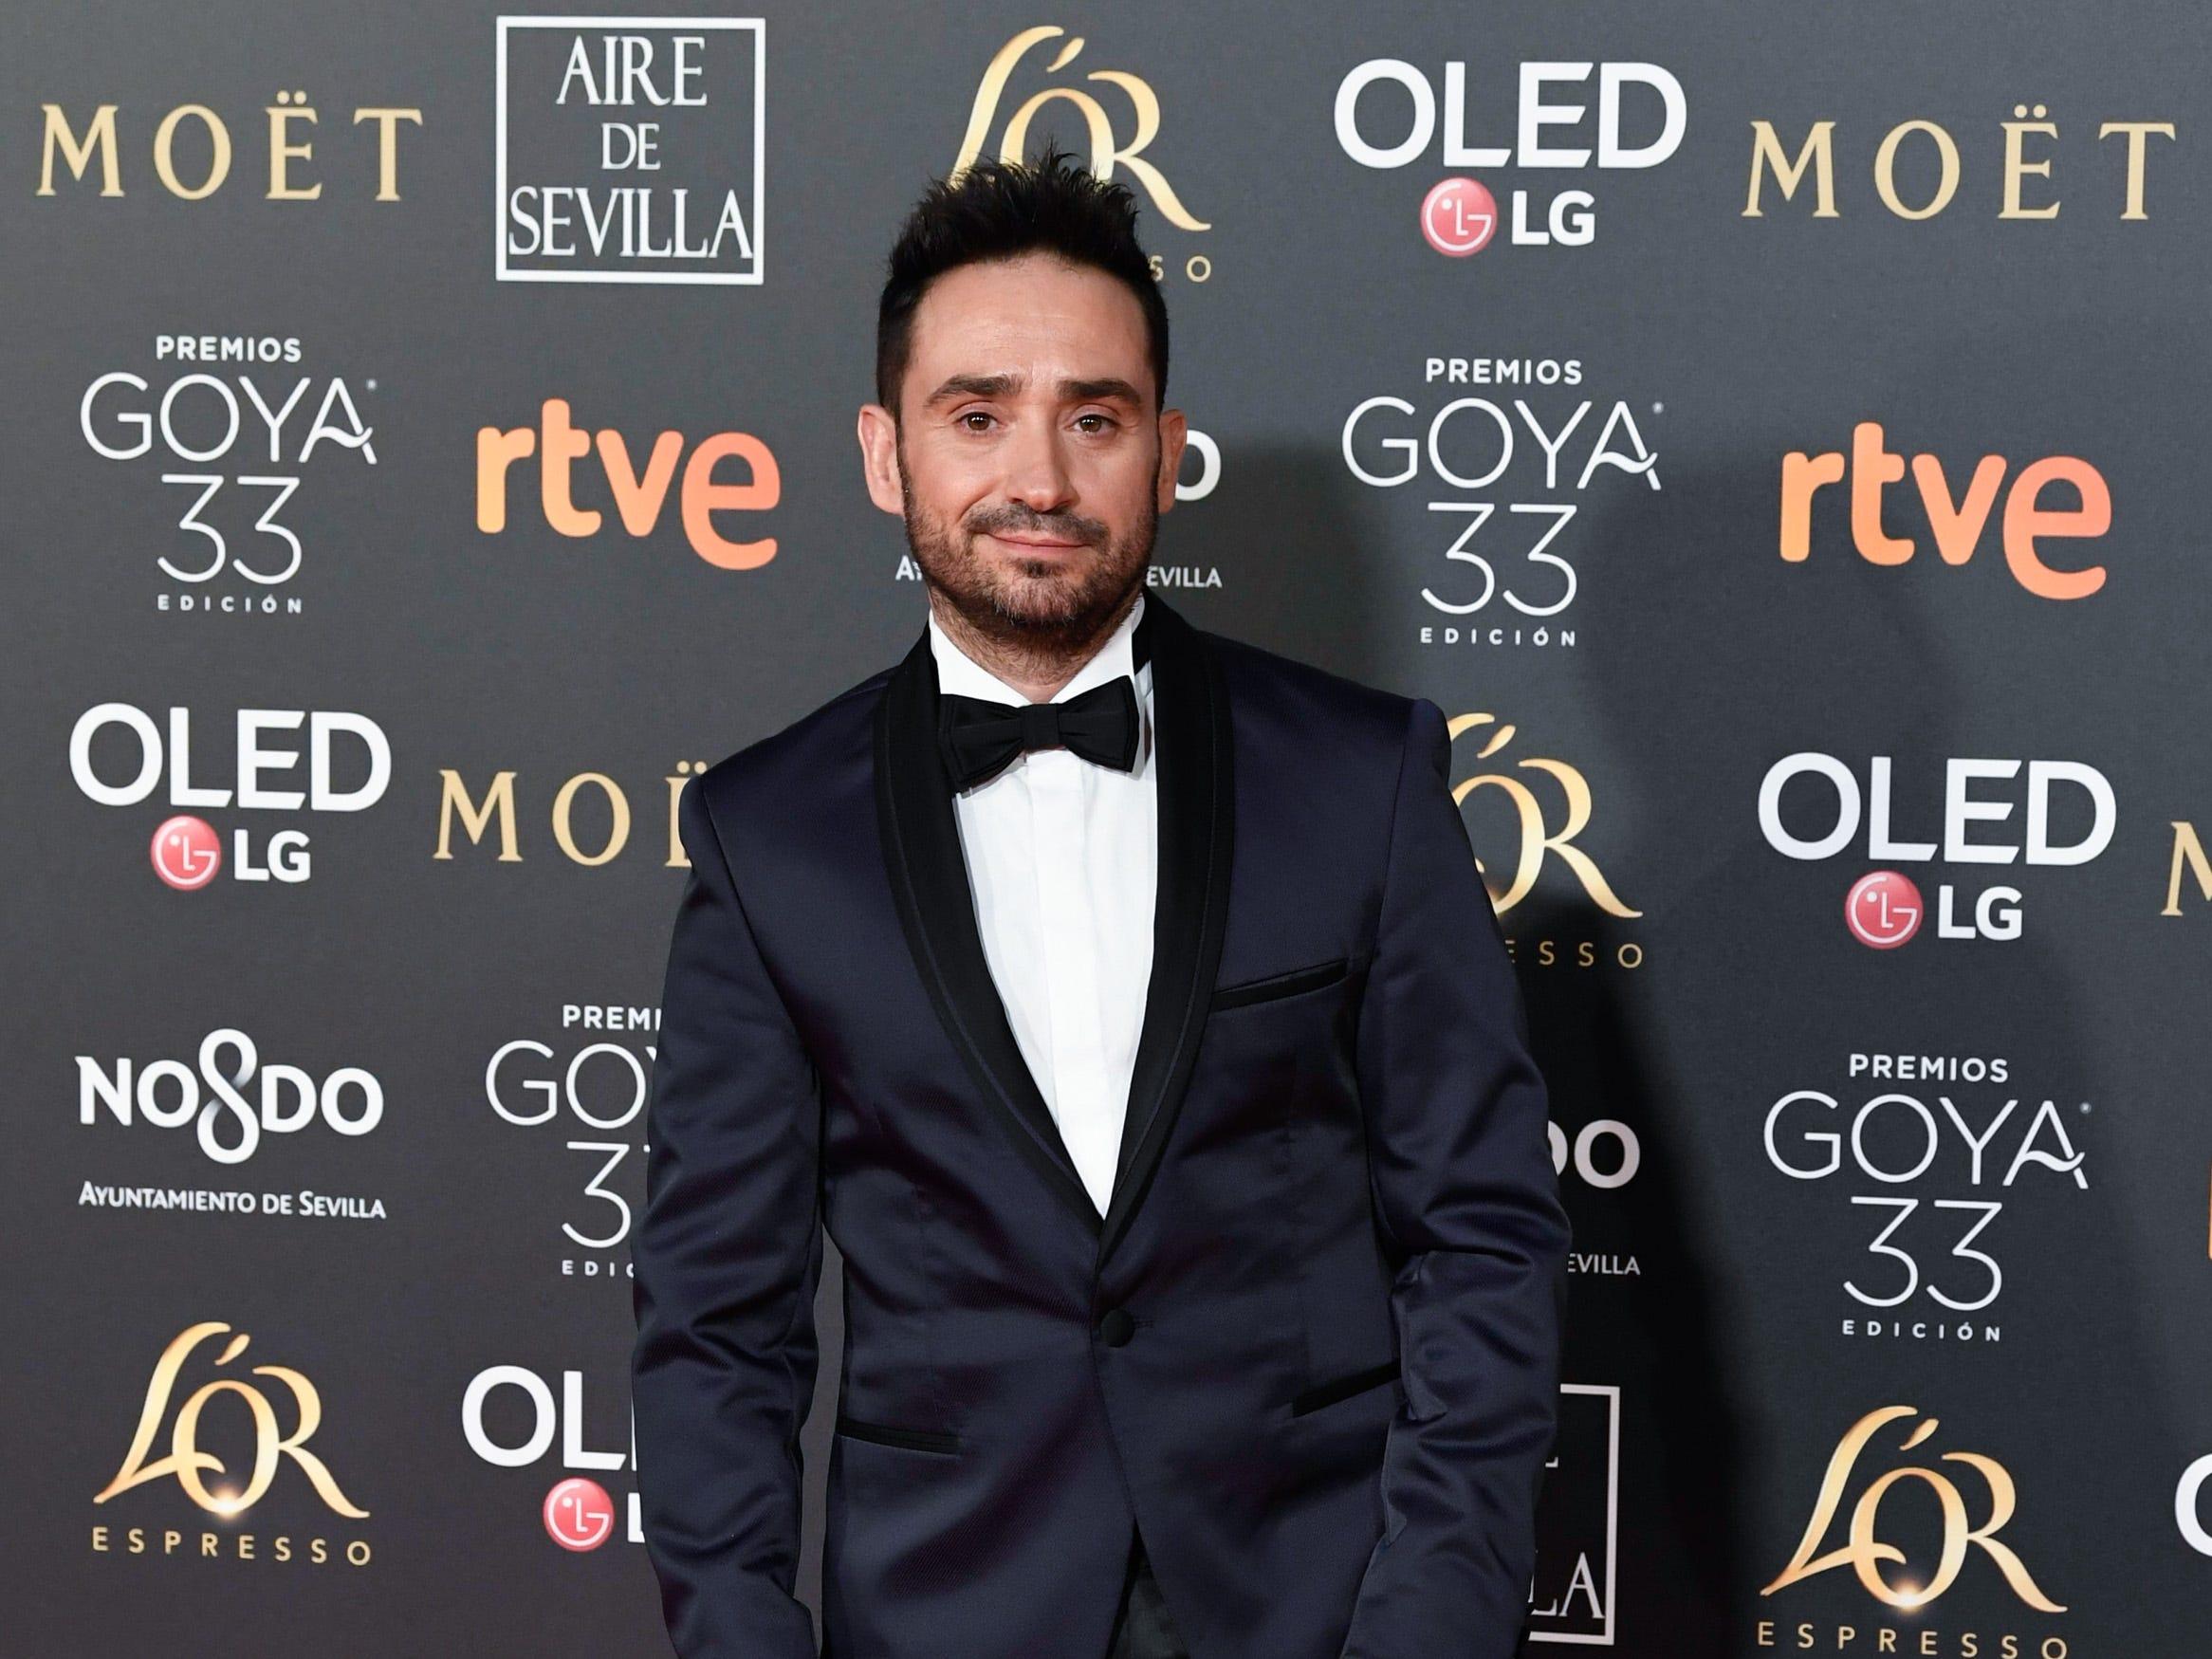 Juan Antonio Bayona asiste a la 33ª edición de los Premios de Cine Goya en el Palacio de Congresos y Exposiciones FIBES el 2 de febrero de 2019 en Sevilla, España.